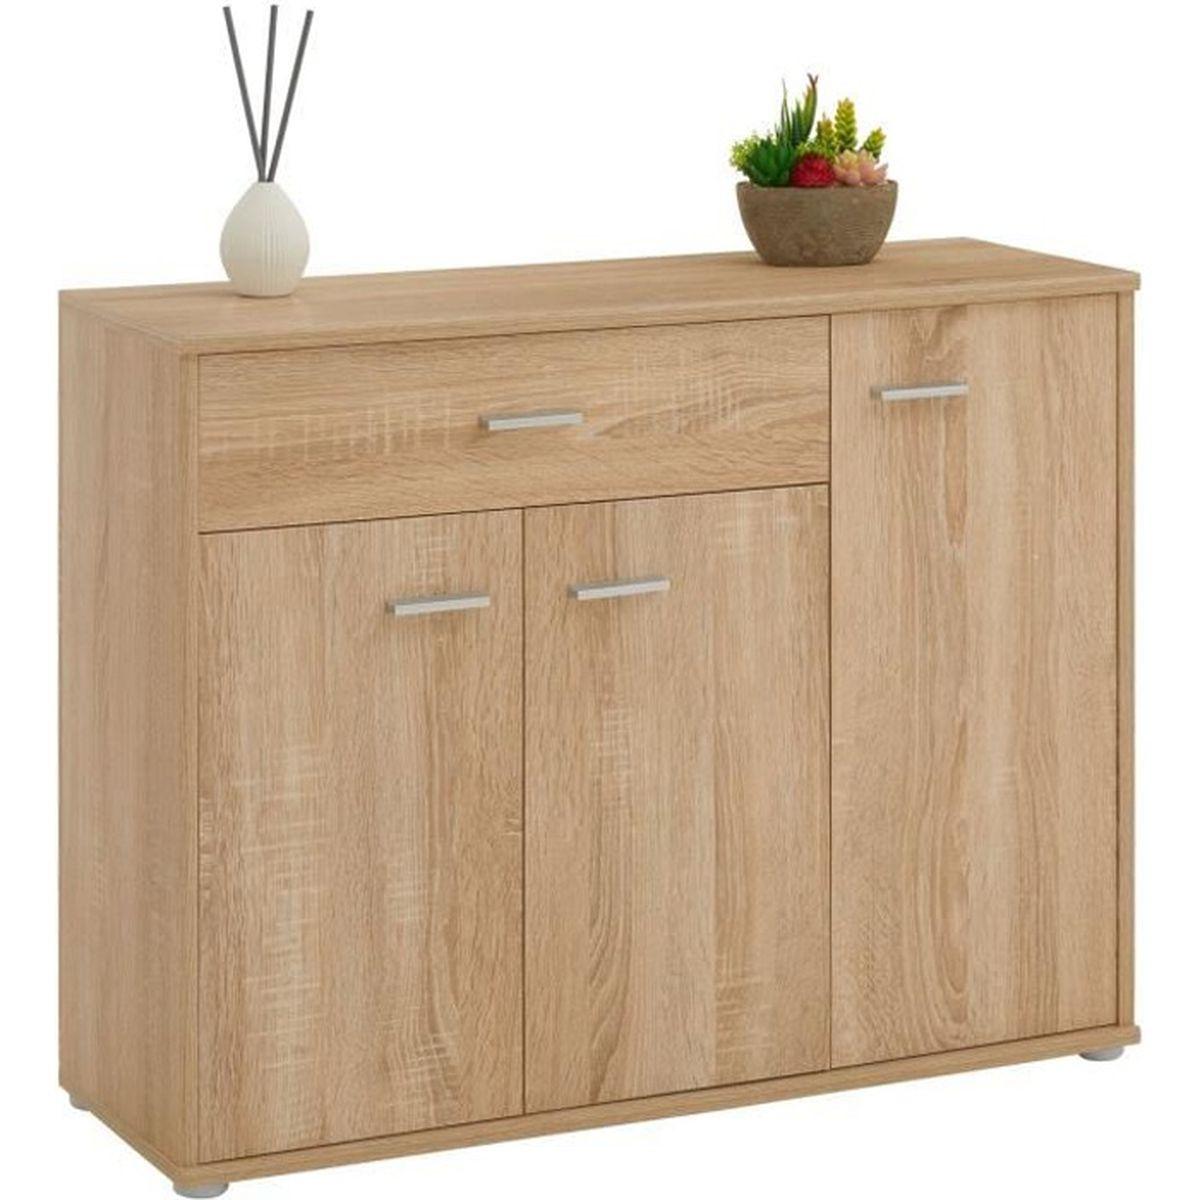 Commode Petite Profondeur 30 Cm buffet coraline, commode meuble de rangement avec 1 tiroir et 3 portes, en  mélaminé décor chêne sonoma